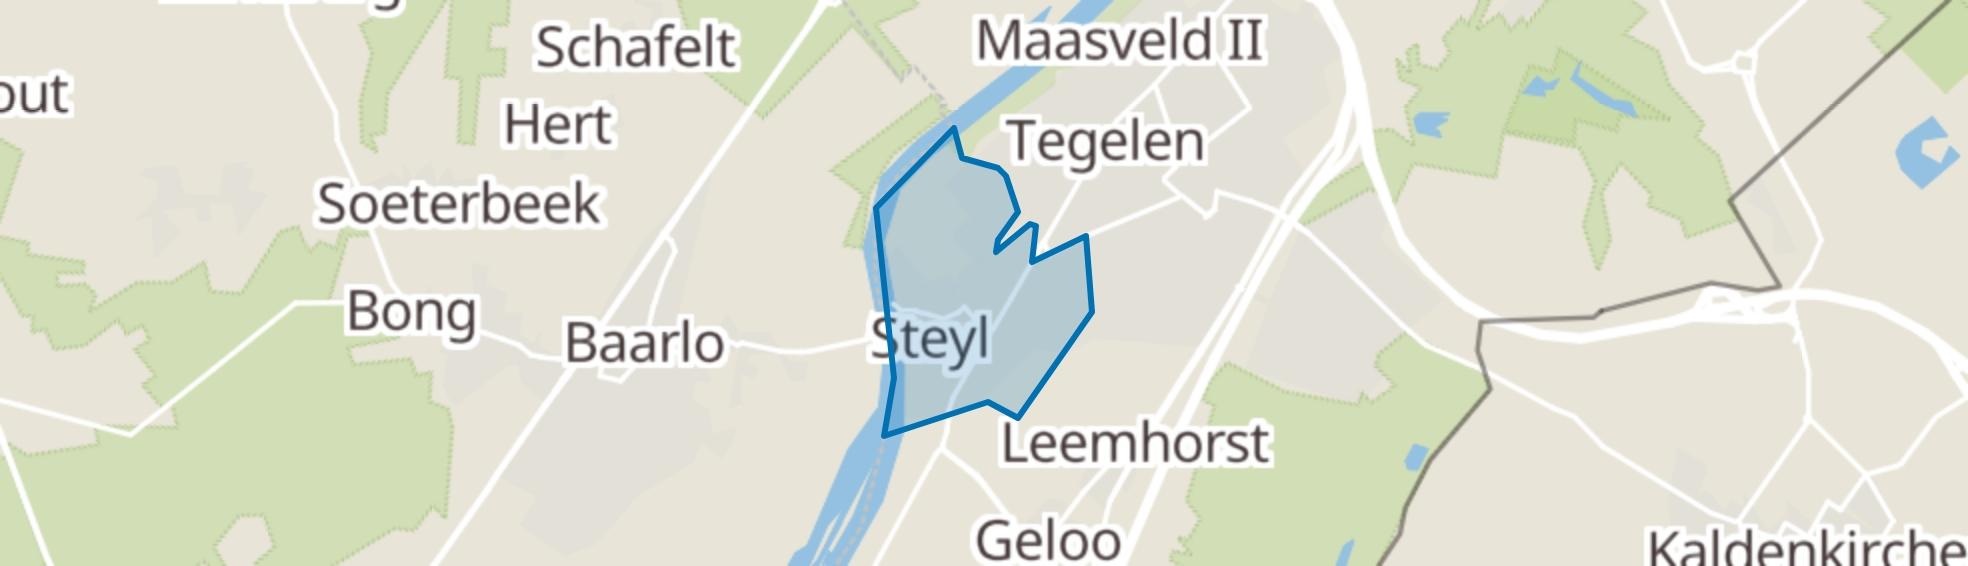 Steyl map